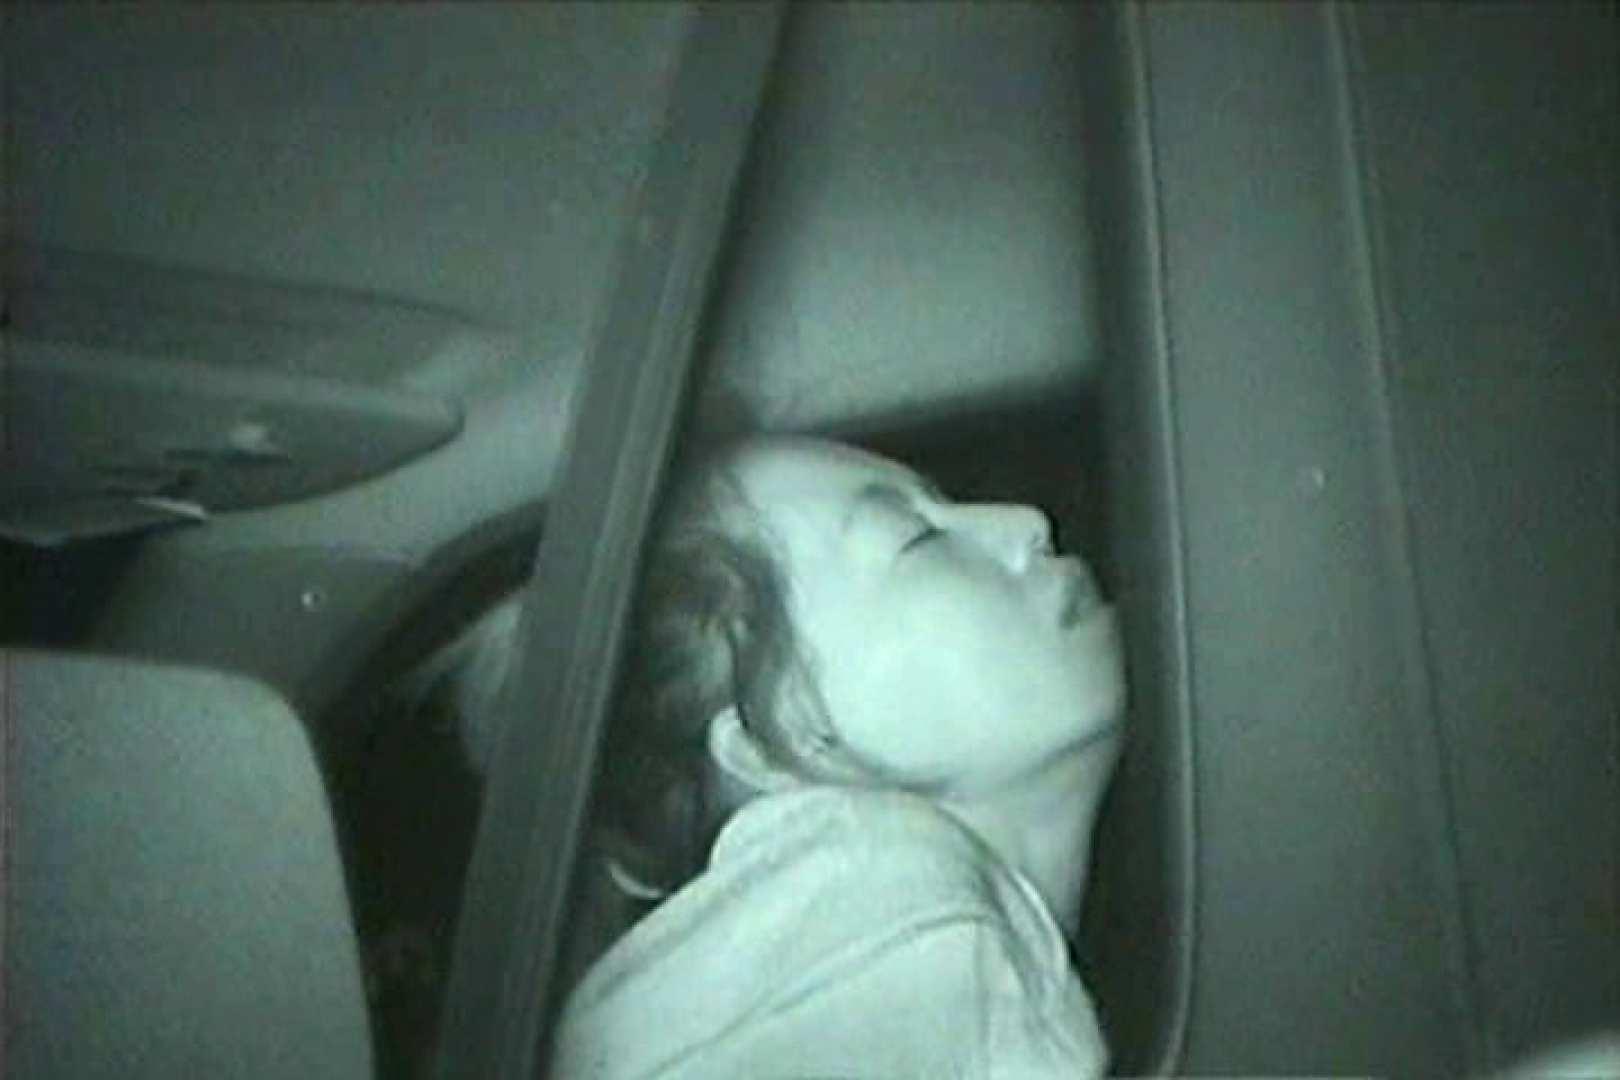 車の中はラブホテル 無修正版  Vol.24 卑猥 のぞき動画画像 48画像 37